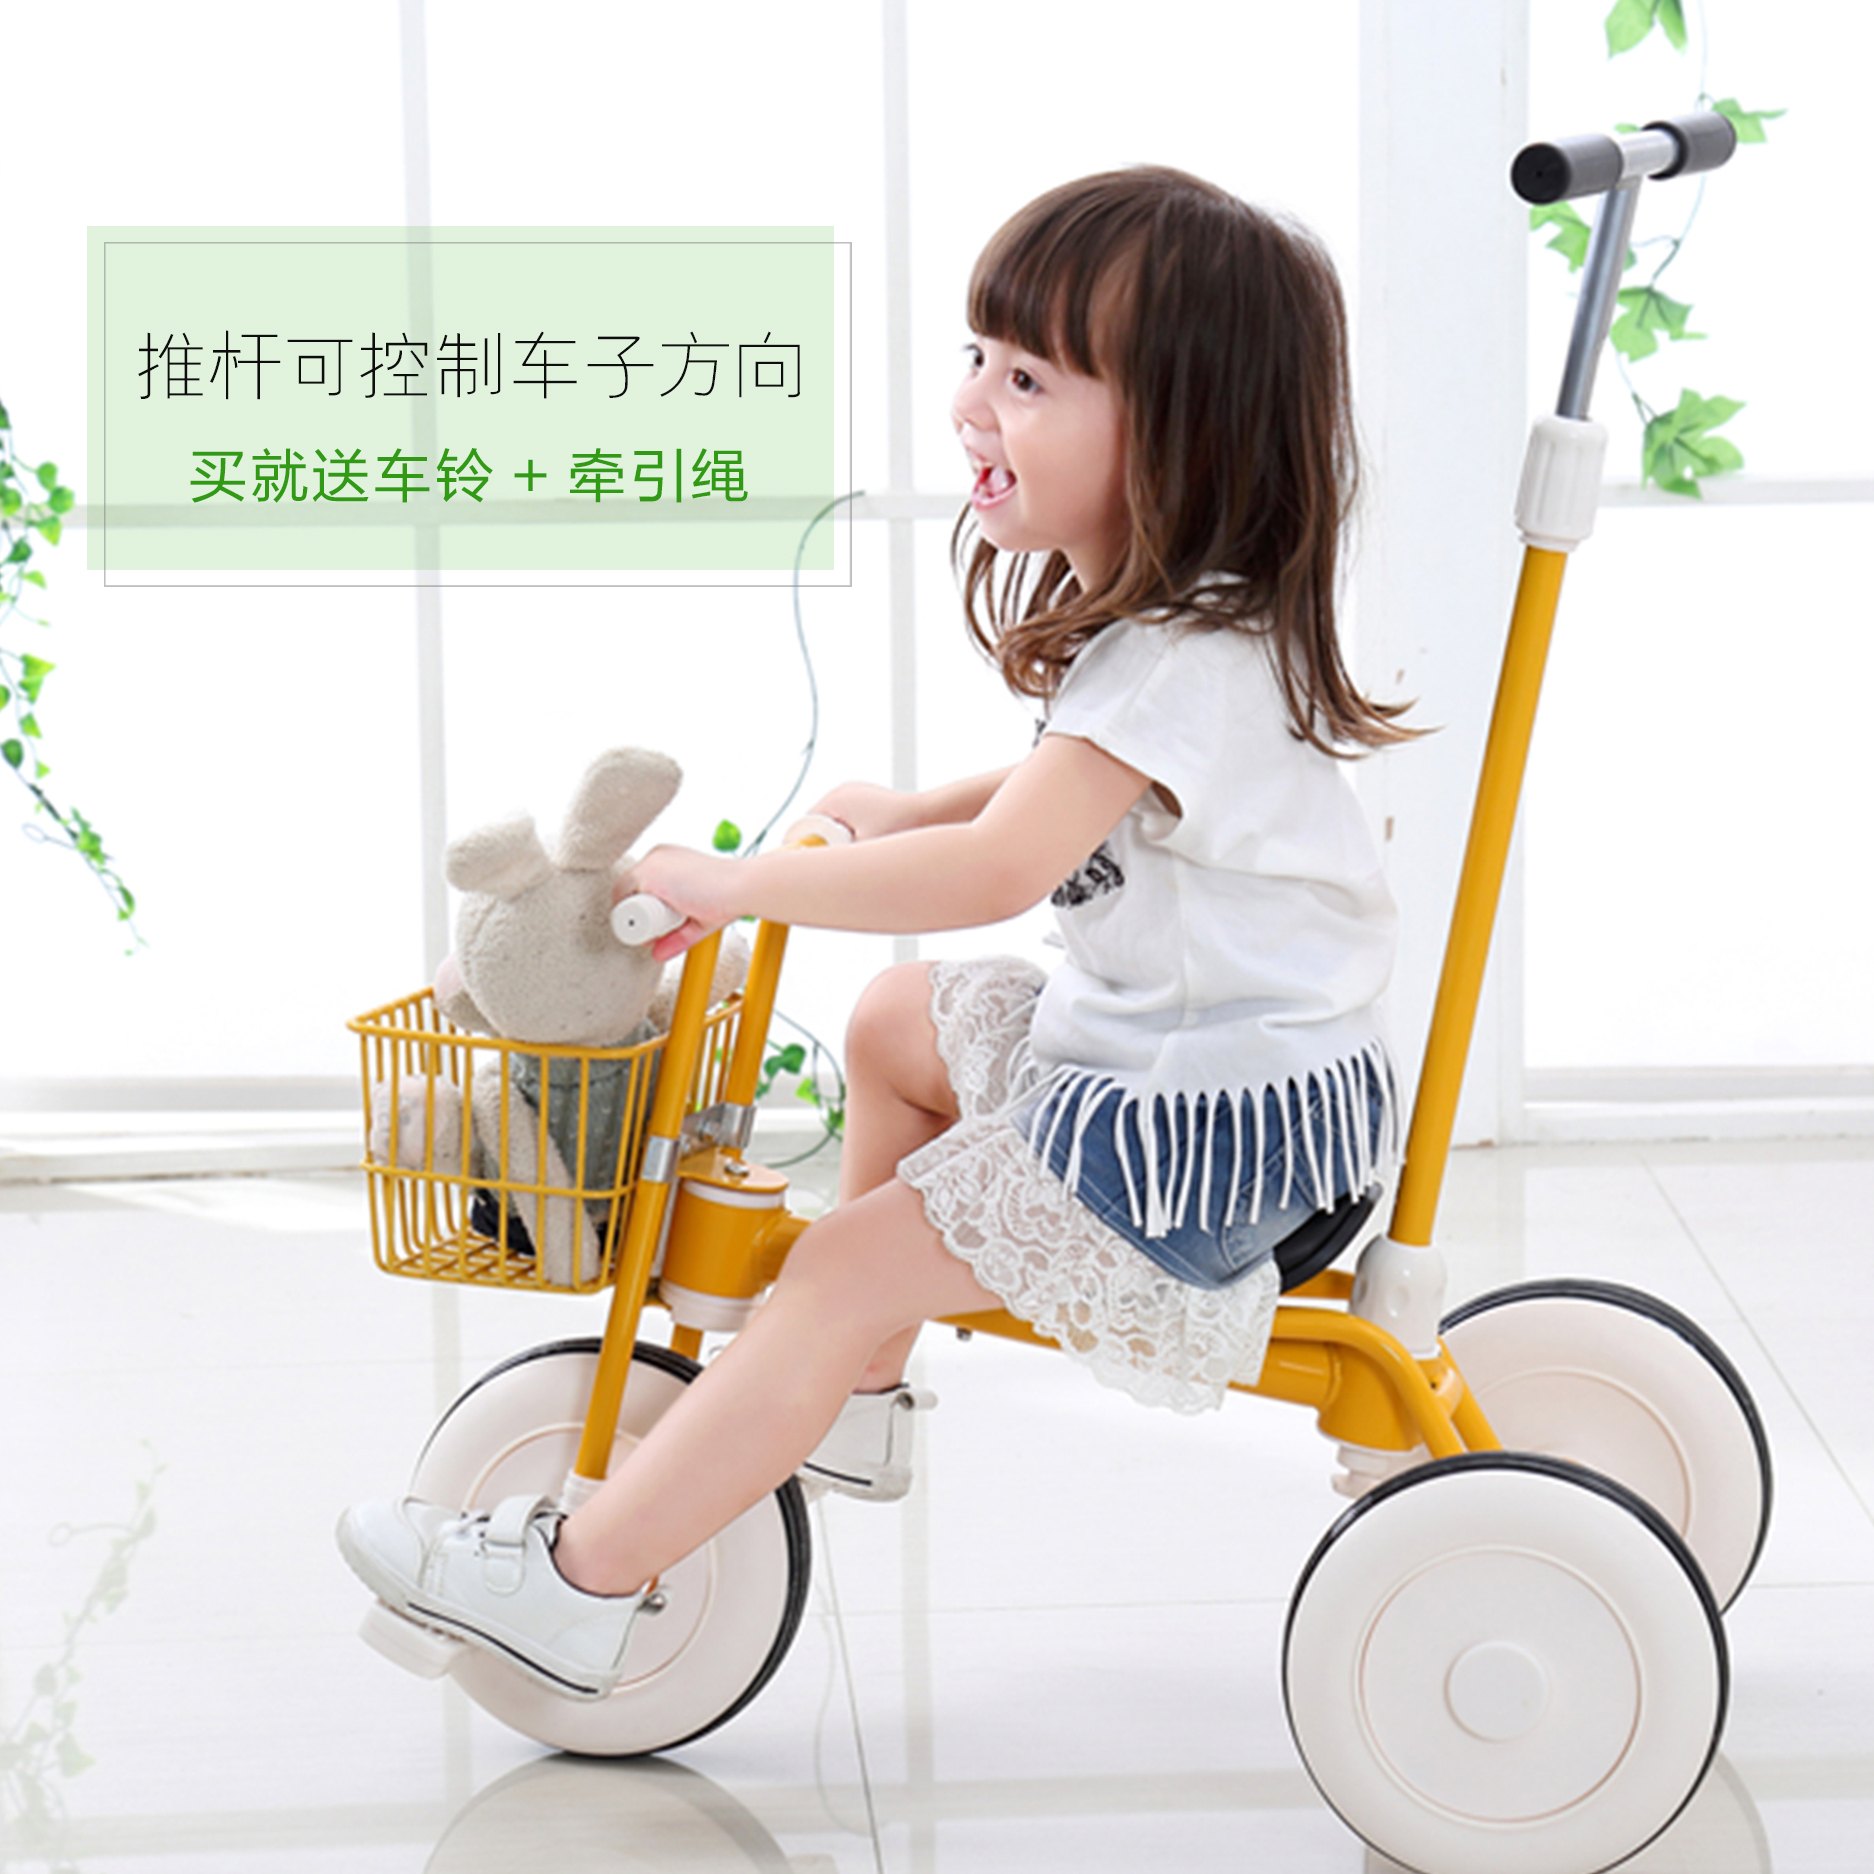 Los niños japoneses de bicicleta moto triciclo alrededor de una varilla de cochecito de bebé sin huellas de 1 a 3 años